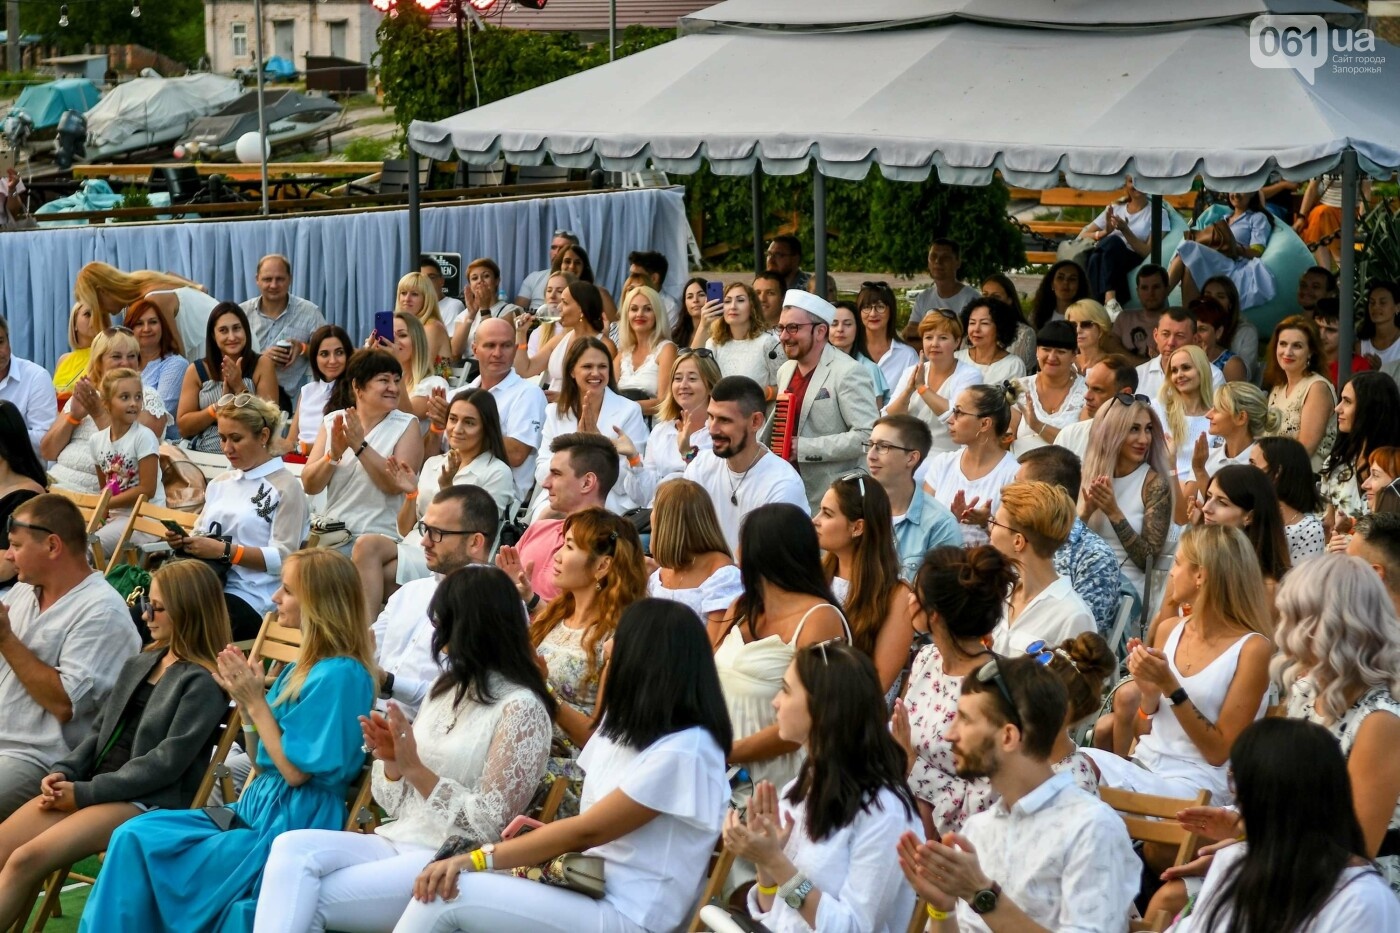 Пианист-виртуоз Майк Кауфман-Портников сыграл джазовый концерт в Запорожье, - ФОТОРЕПОРТАЖ, фото-3